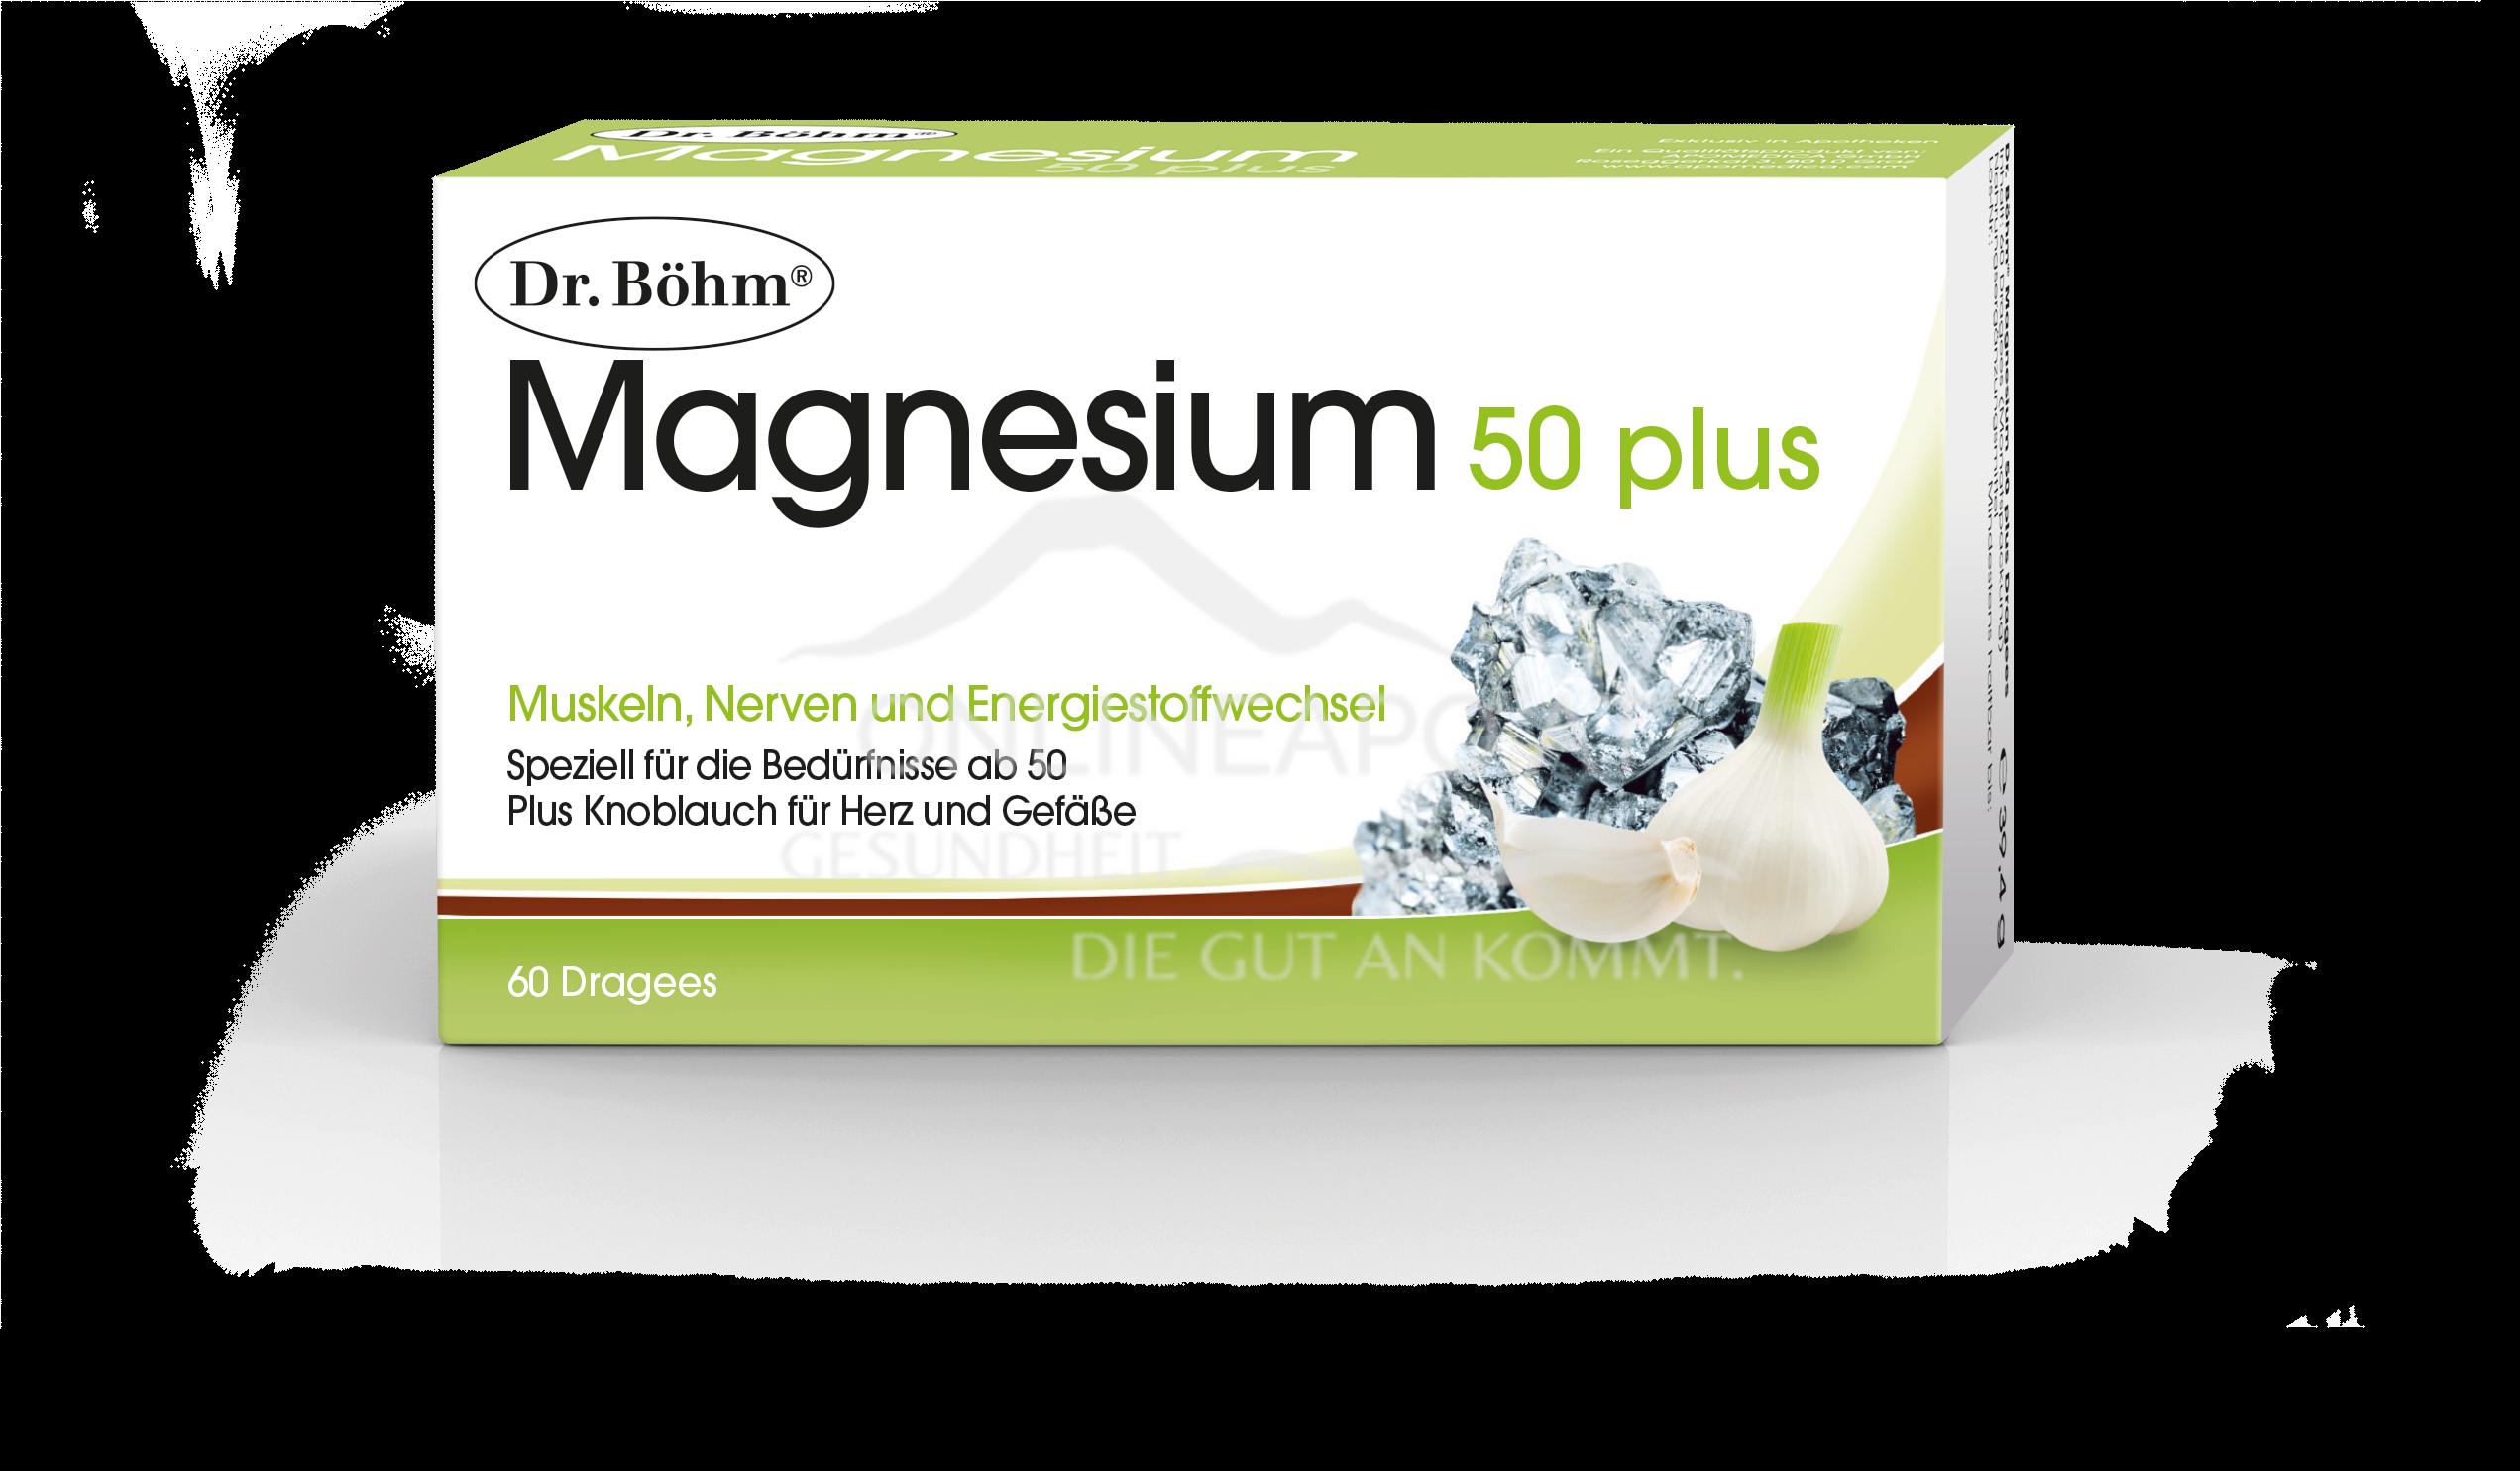 Dr. Böhm® Magnesium 50 plus